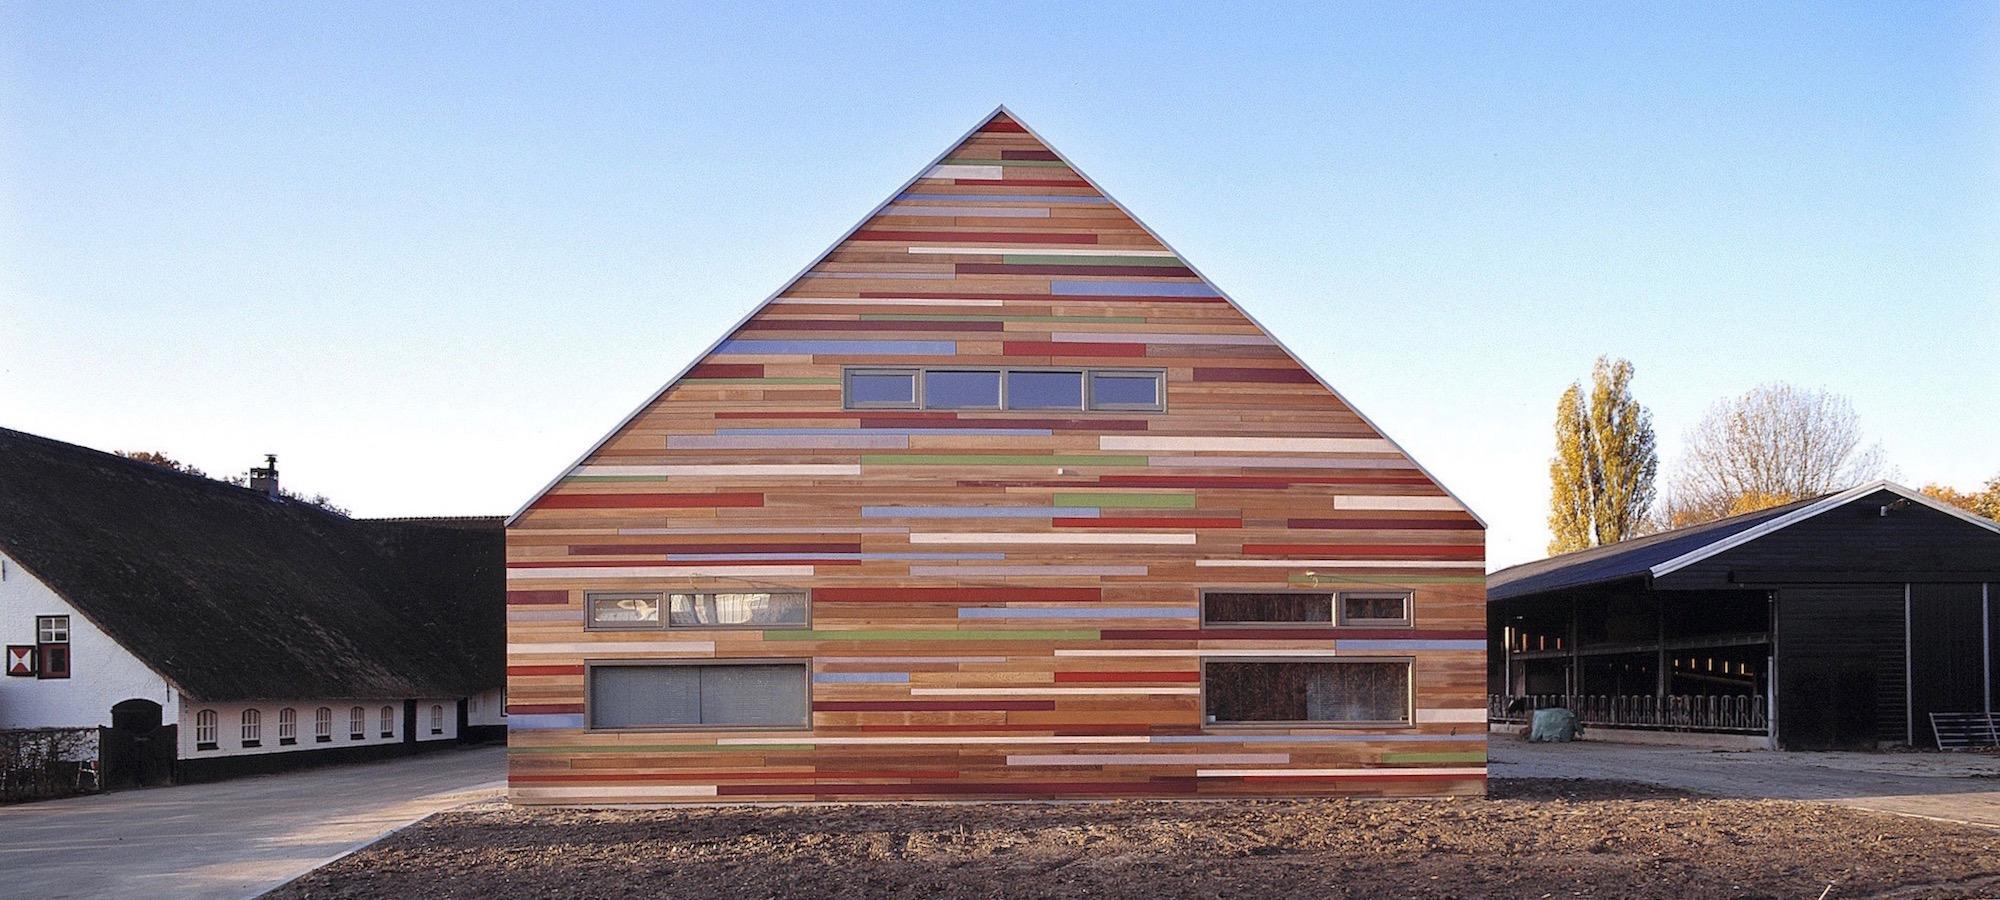 Van Veen architecten